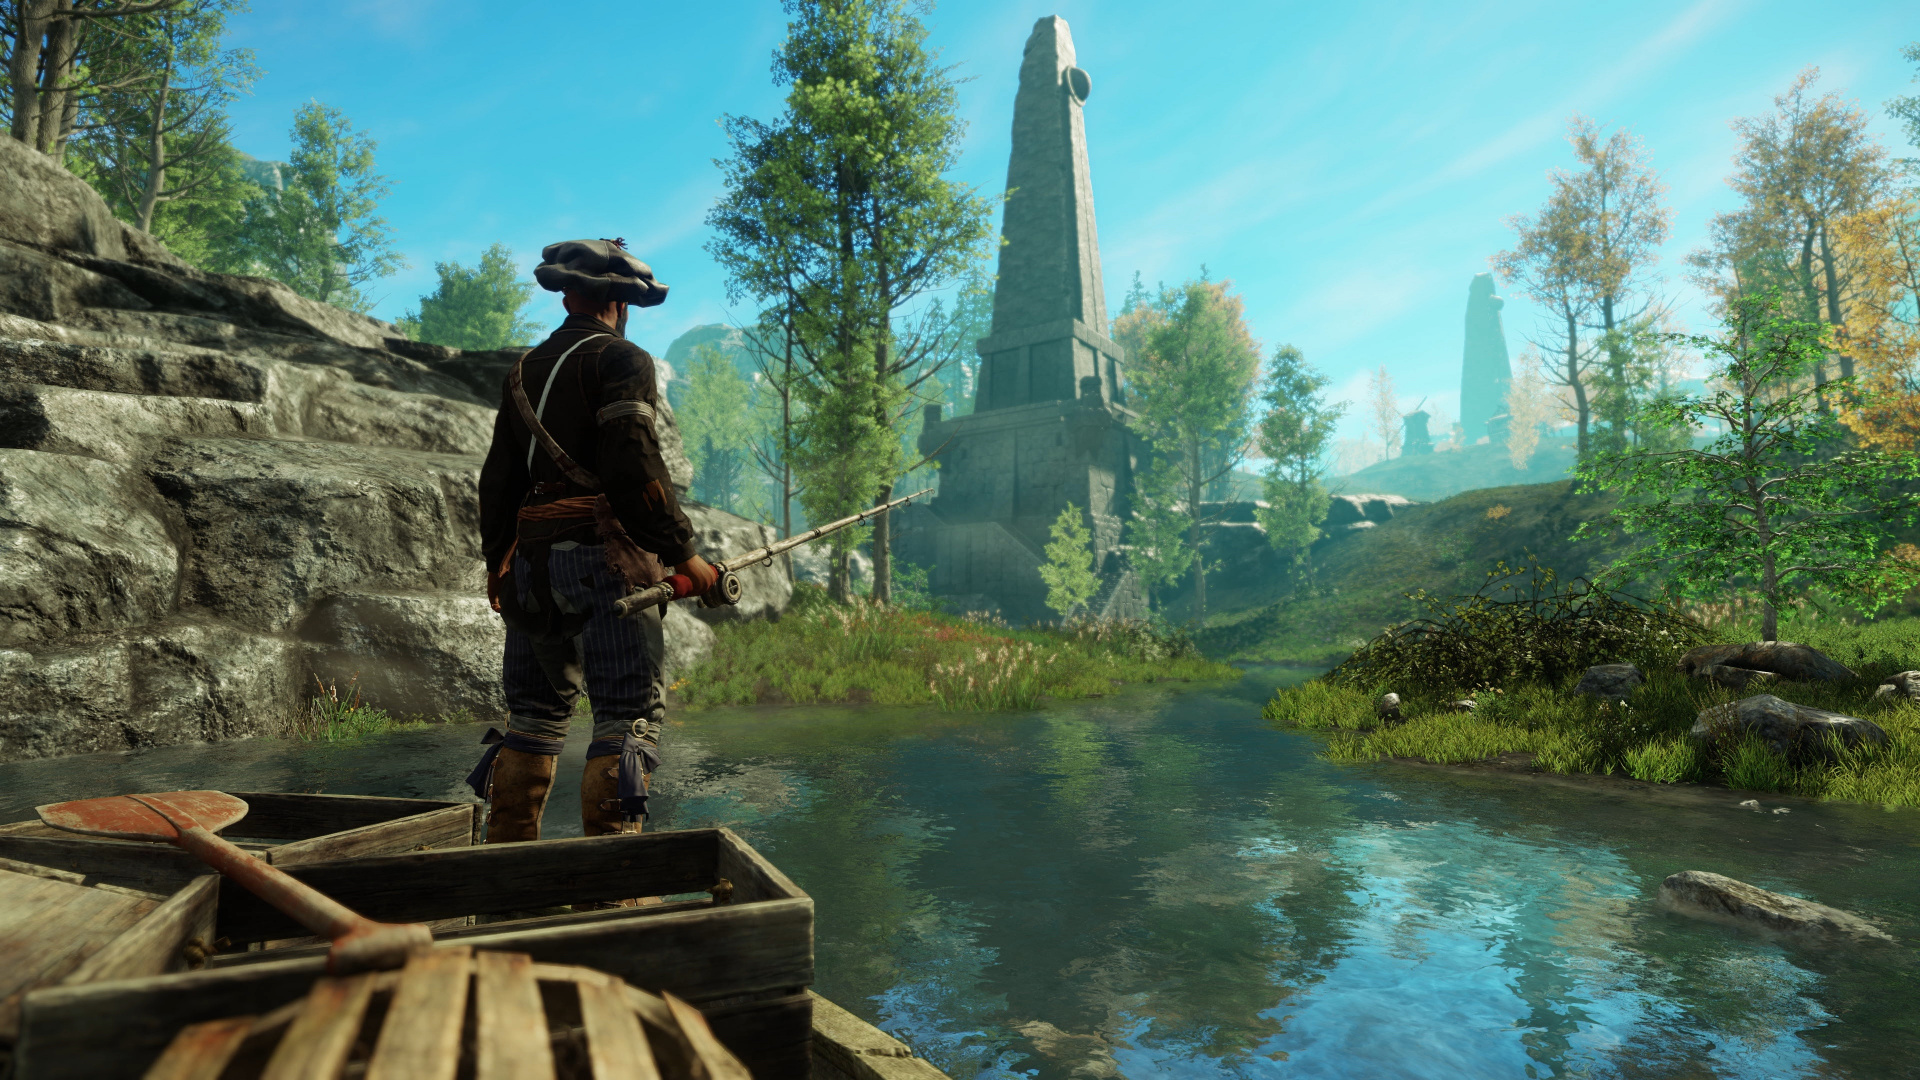 Сражения и рыбалка: IGN показал фрагменты игрового процесса New World